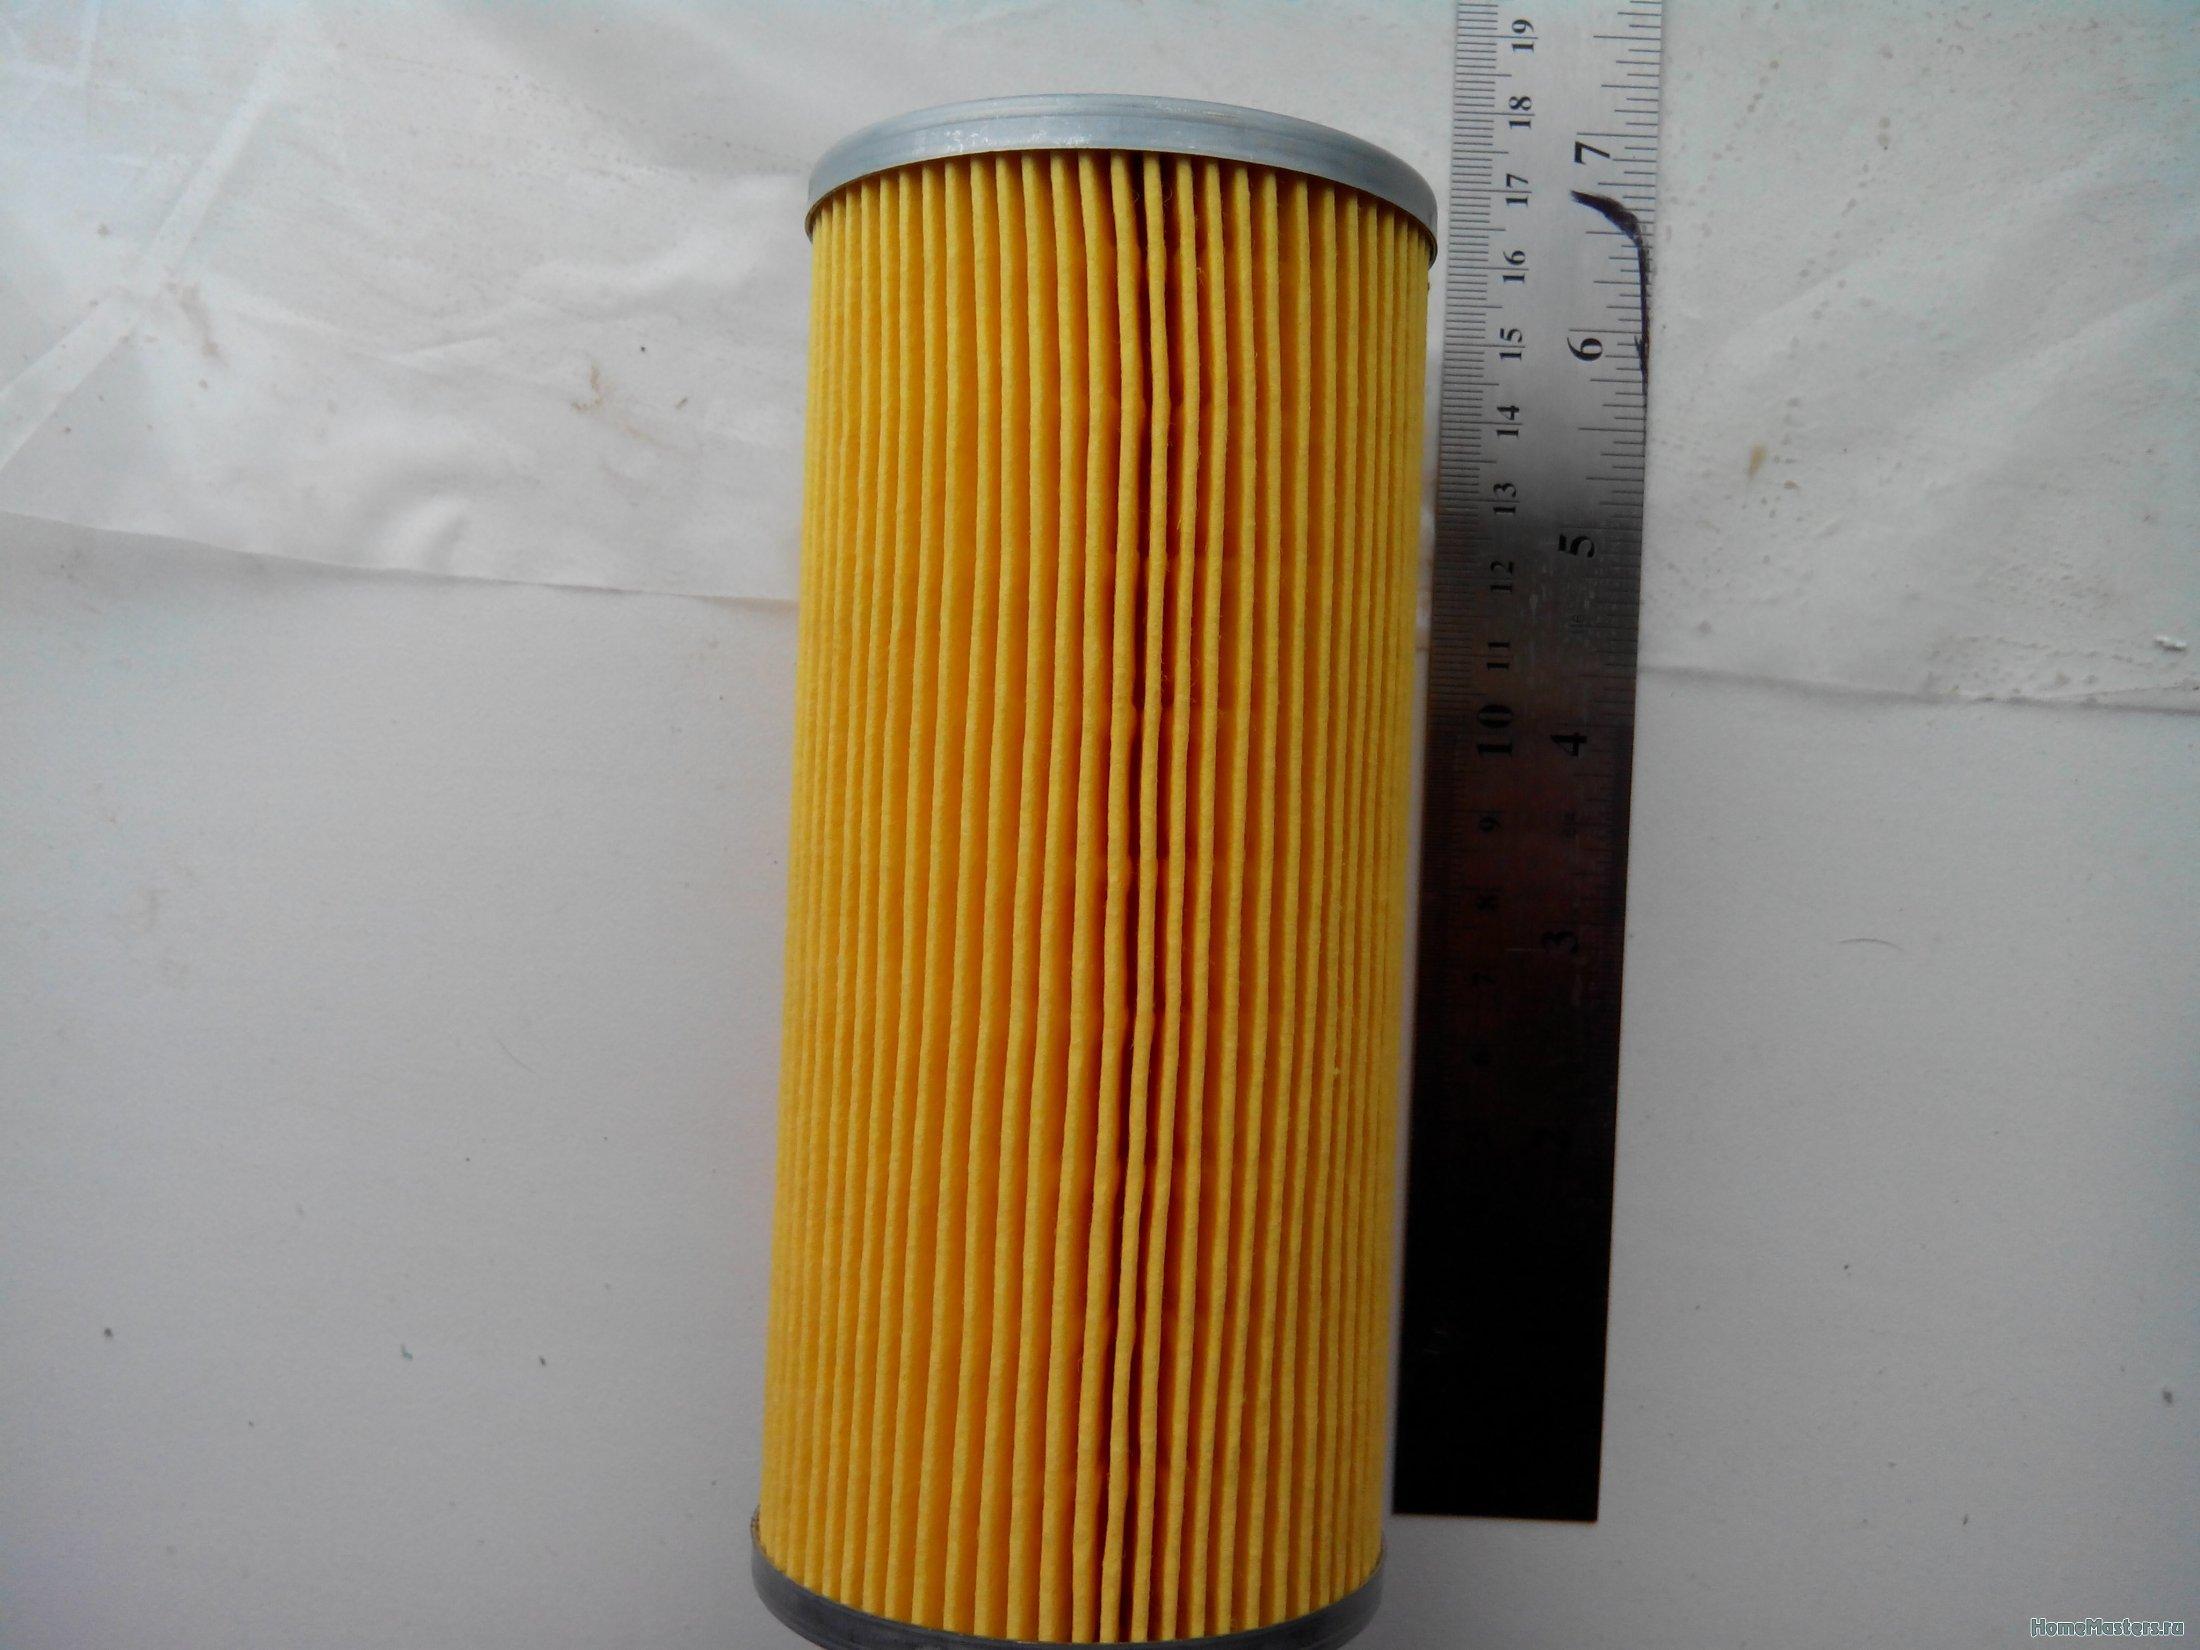 Фильтр циклон своими руками для уборки строймусора бытовым пылесосом